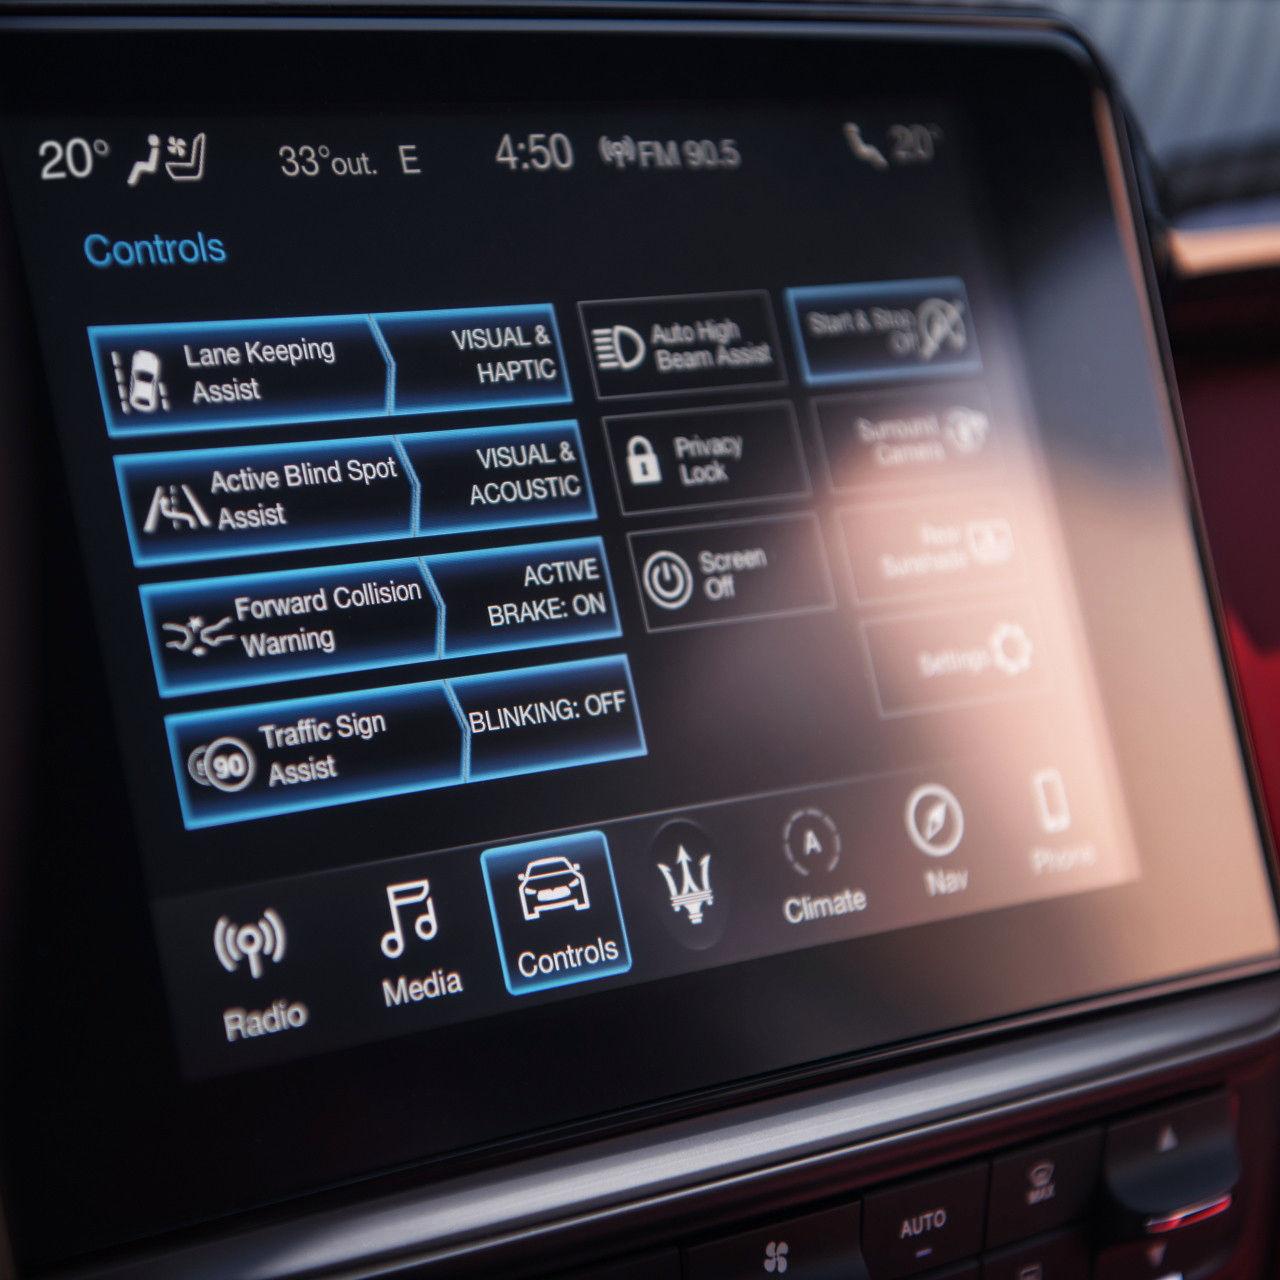 Gamma Maserati 2019 - sistema digitale di sicurezza e assistenza alla guida